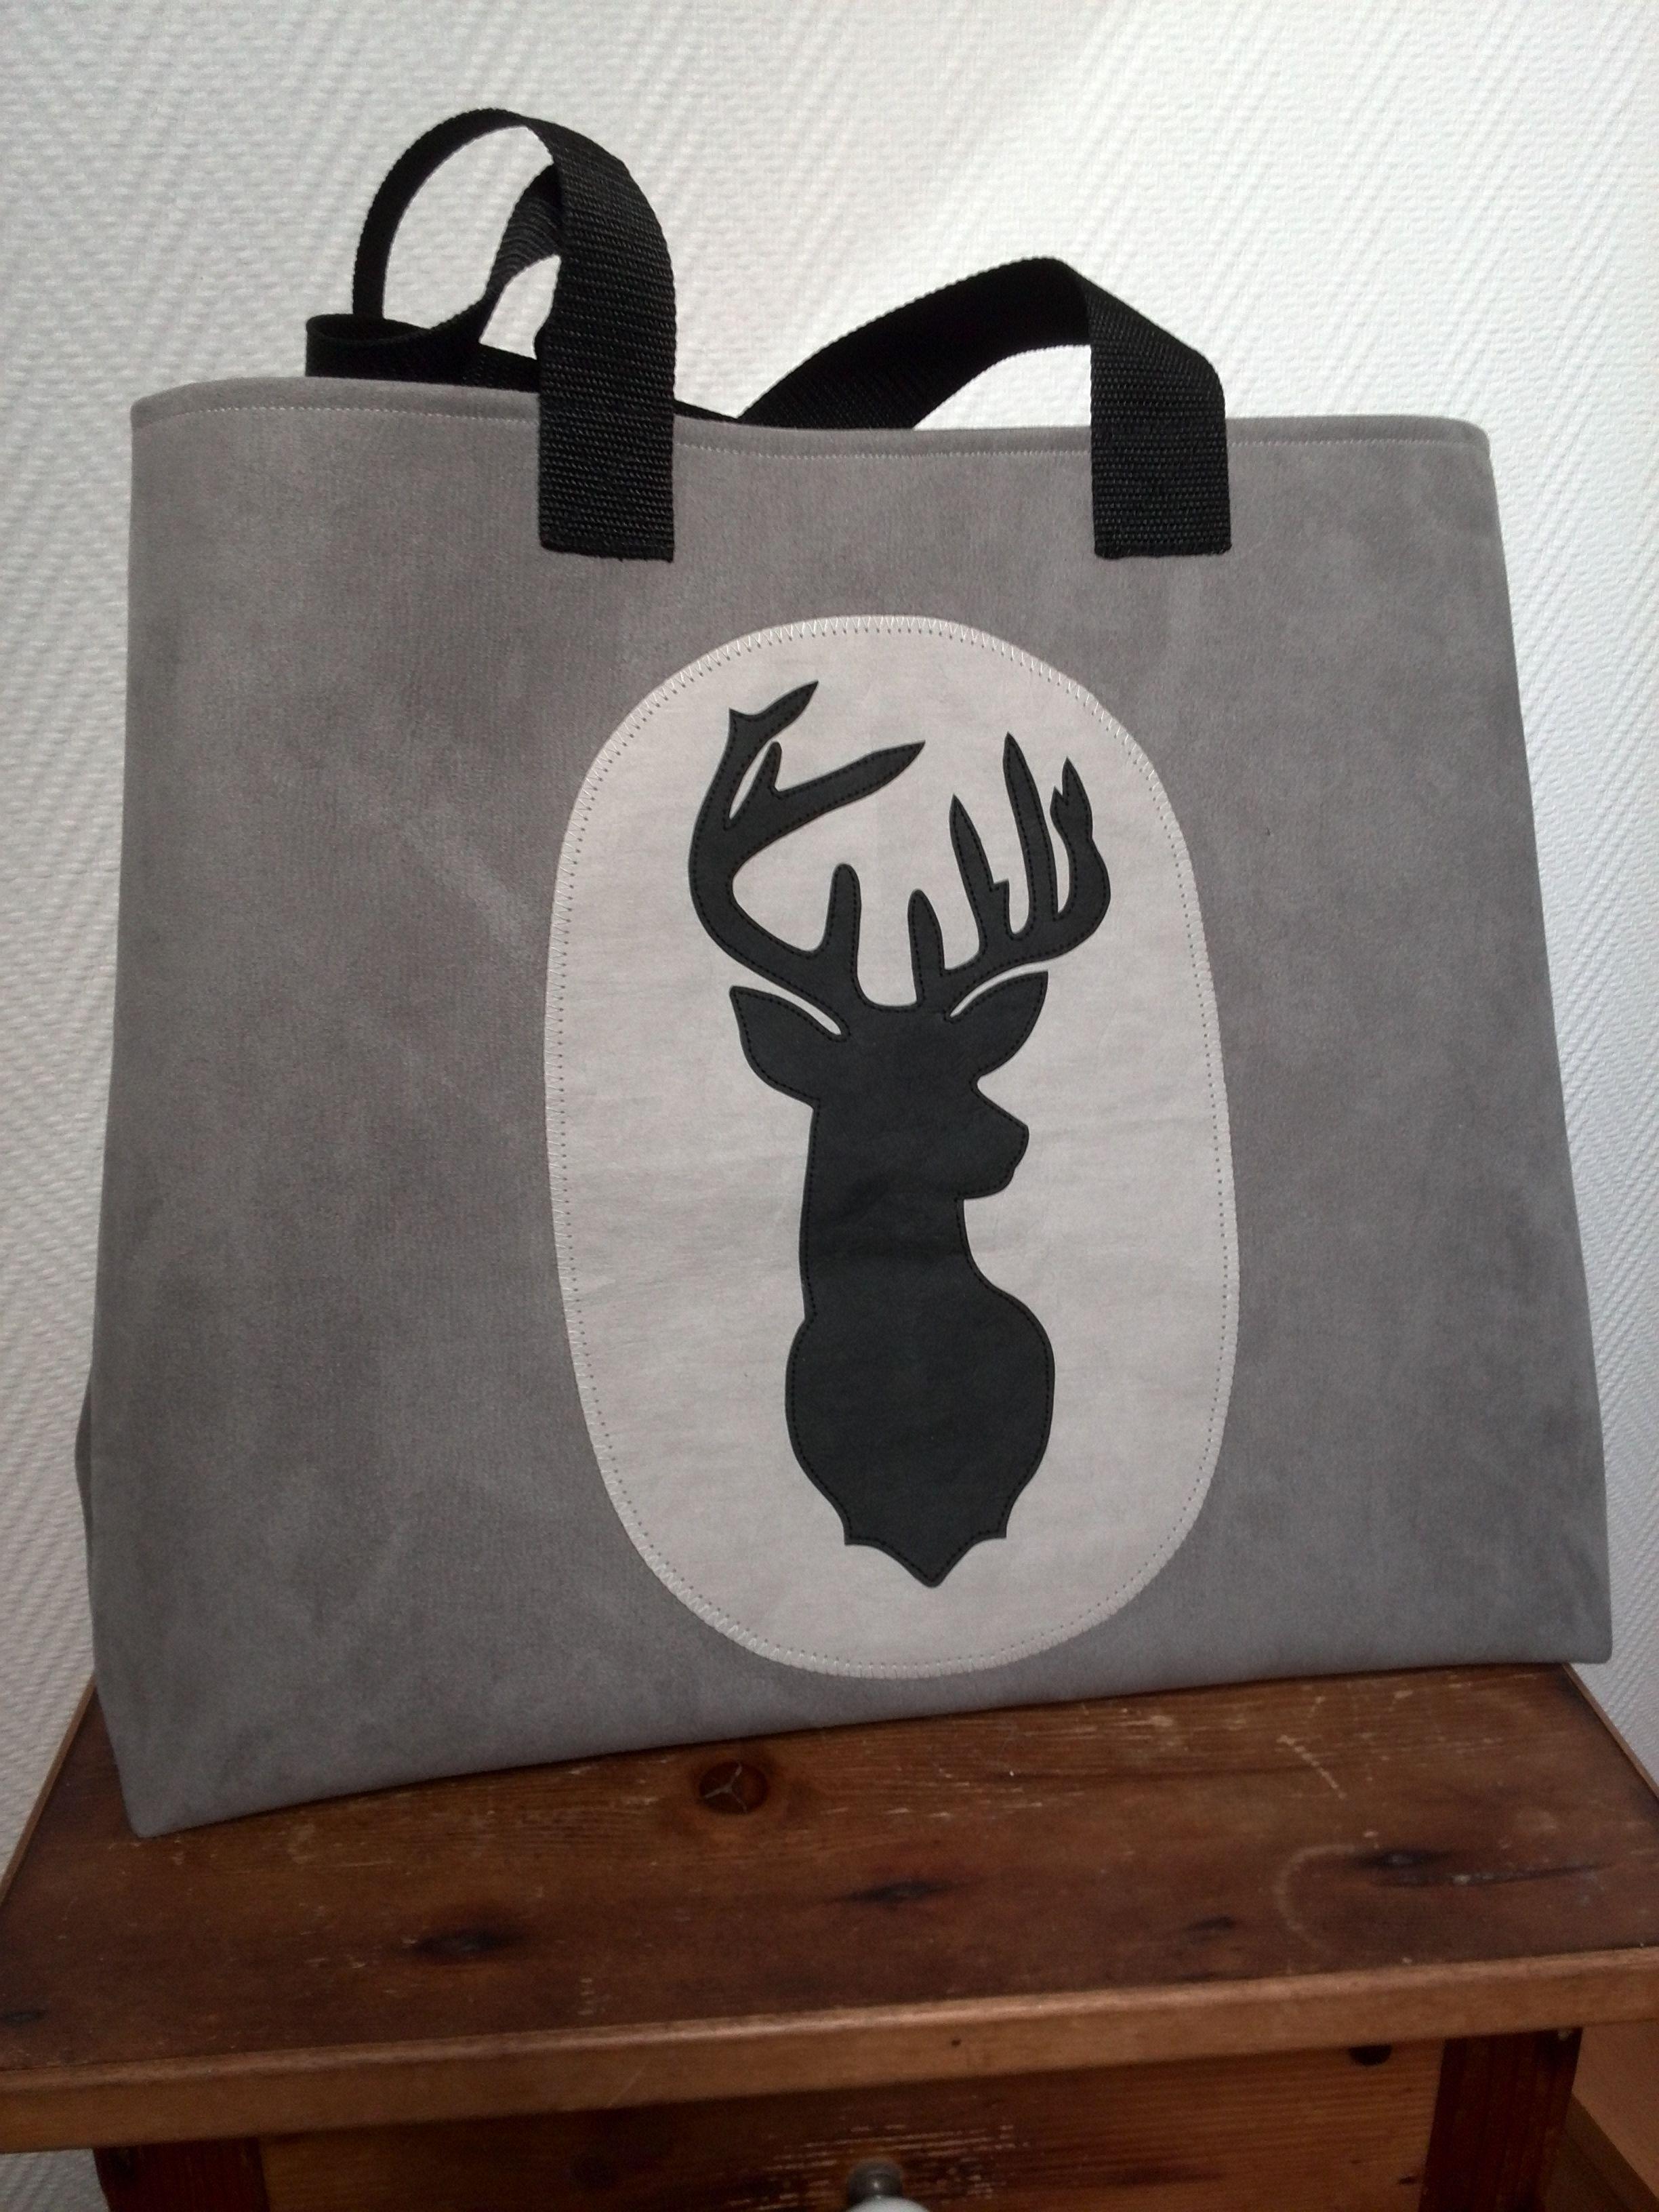 hirschtasche mit applikation aus snappap taschen ideen pinterest sewing cloth bags und. Black Bedroom Furniture Sets. Home Design Ideas